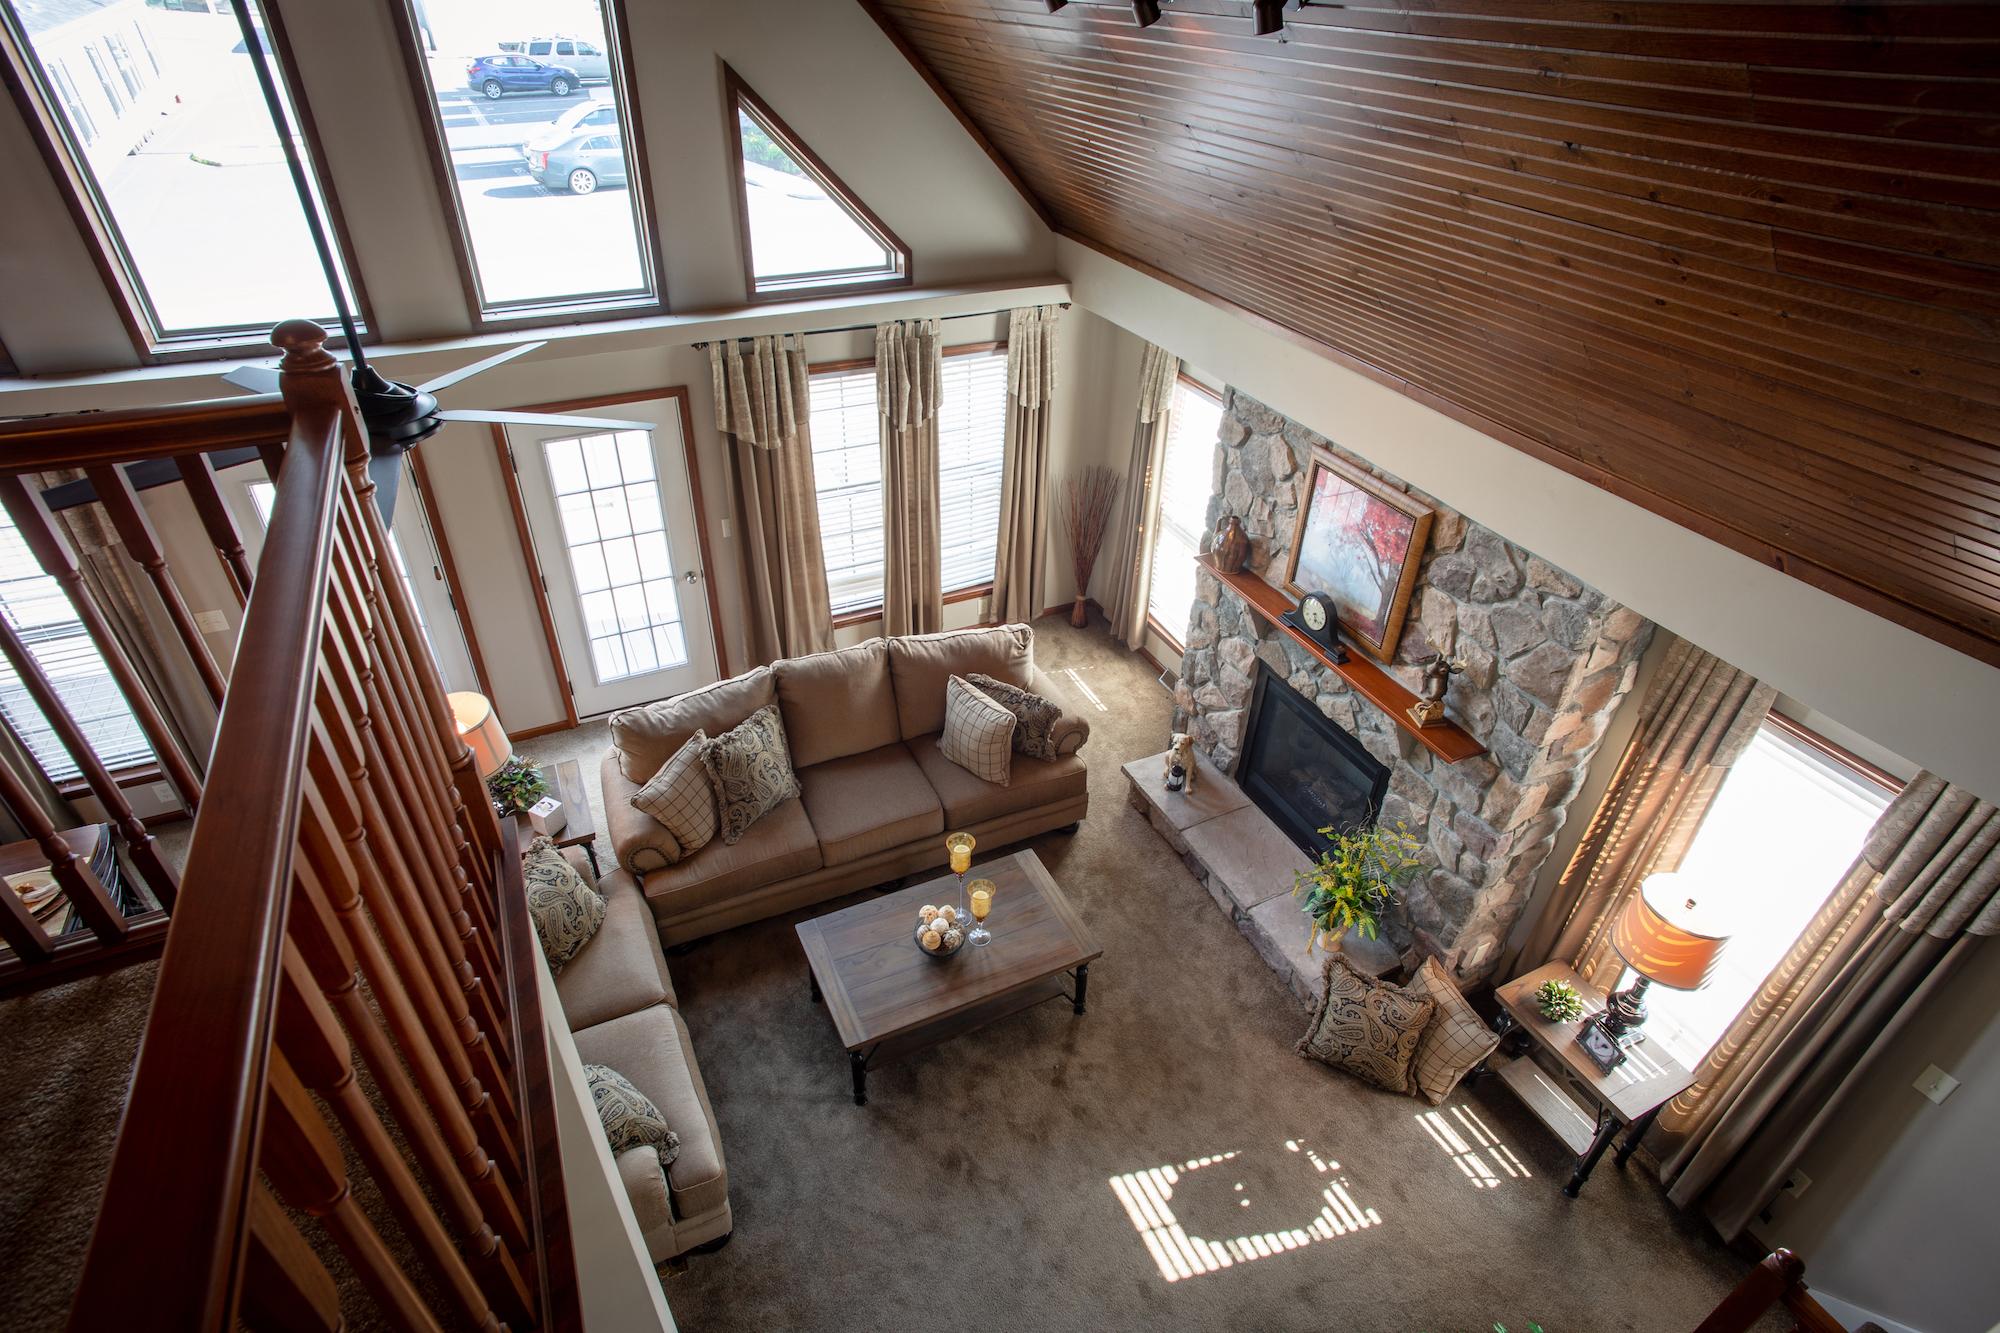 Pleasant_Valley_Homes_Models_14.jpg